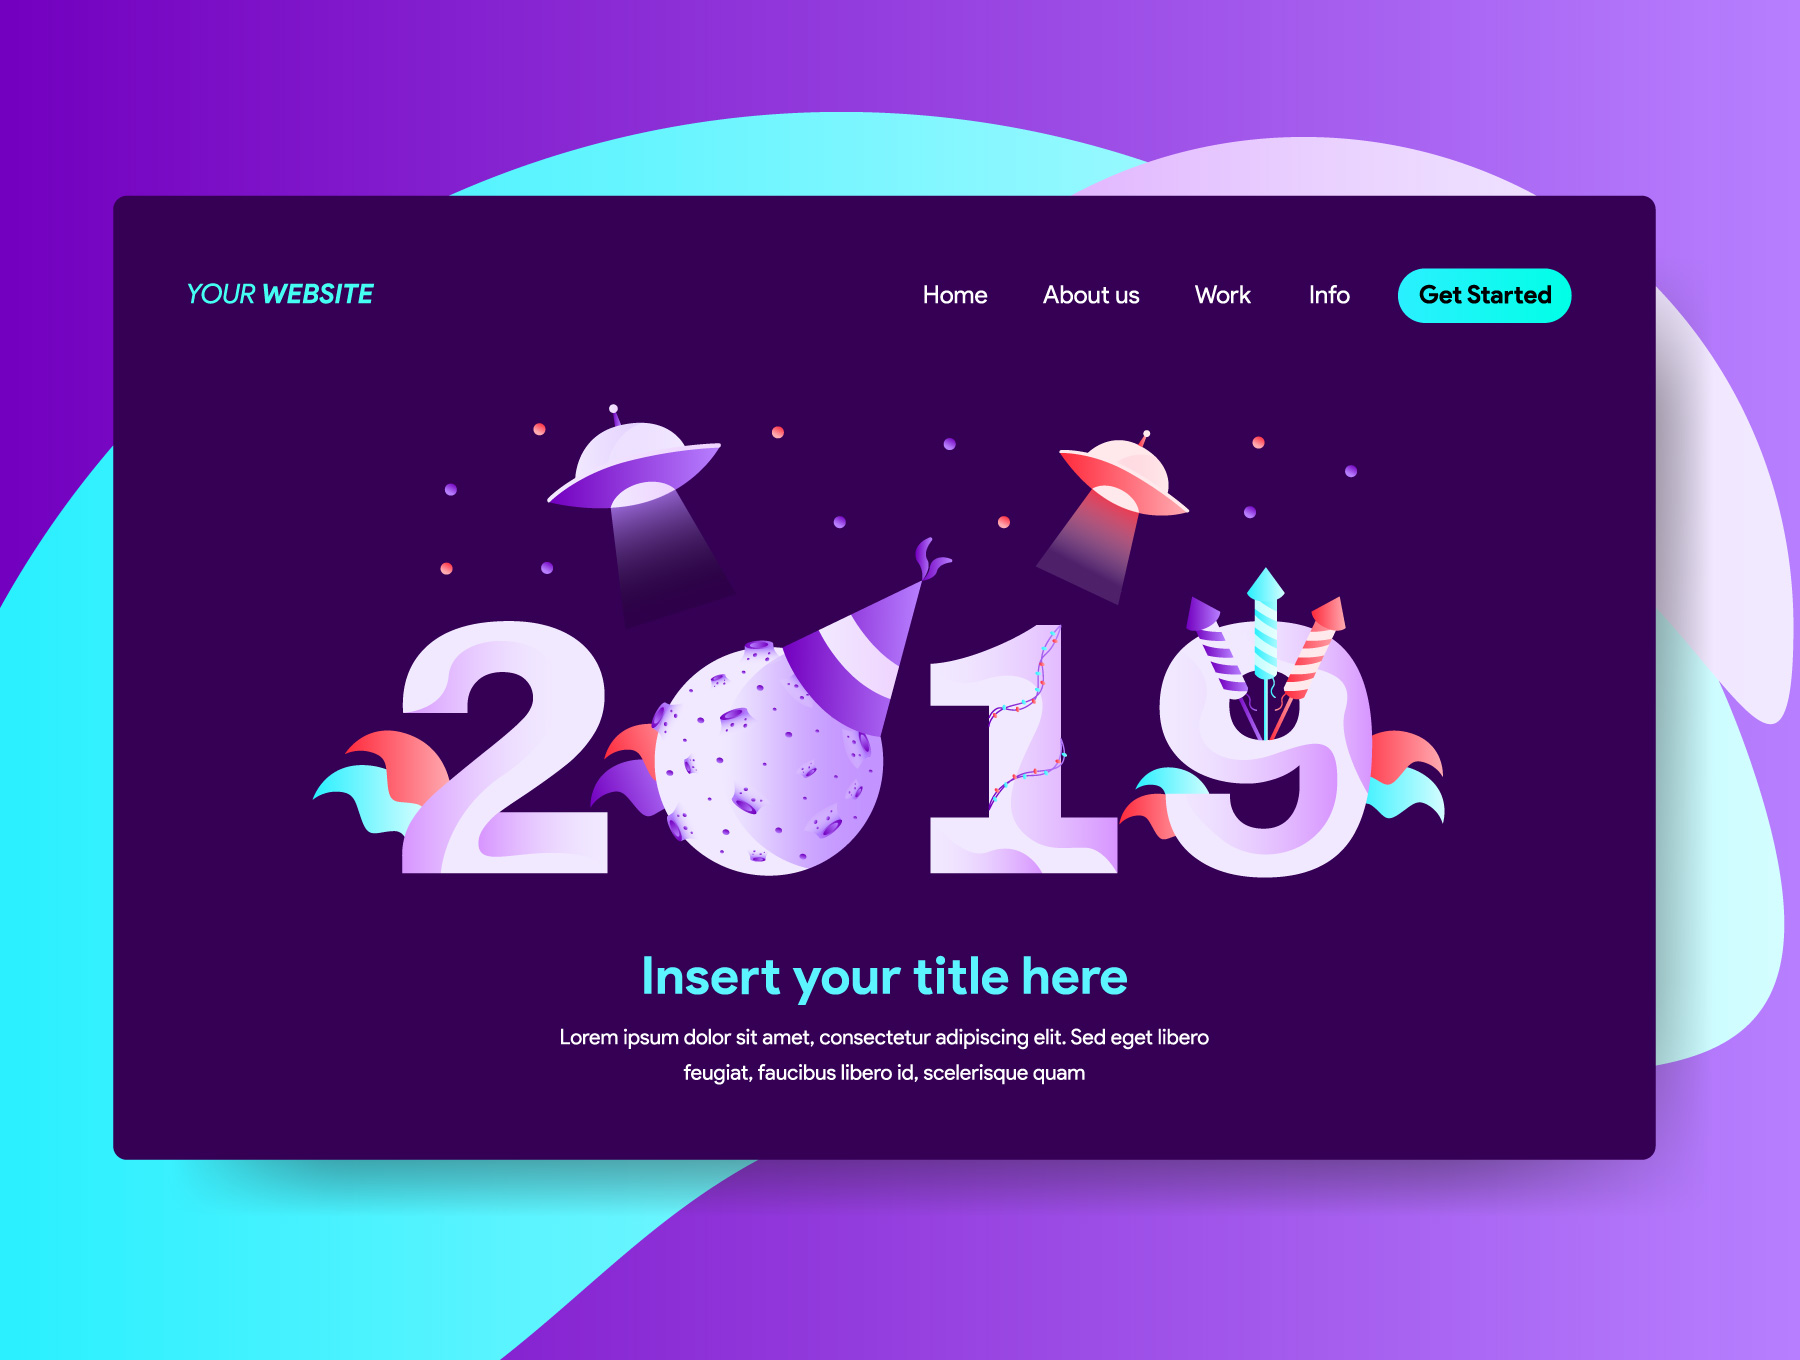 网站页面设计2019新年矢量概念插图素材 2019 New Year Illustrations插图